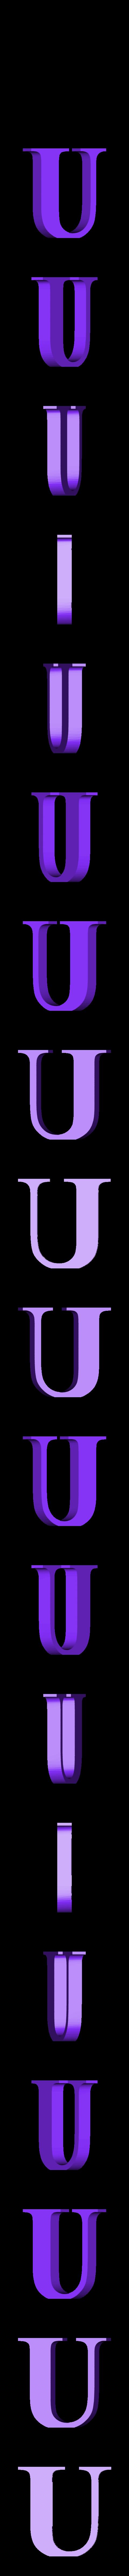 U.STL Télécharger fichier STL gratuit alphabet • Modèle pour imprimante 3D, Cerega